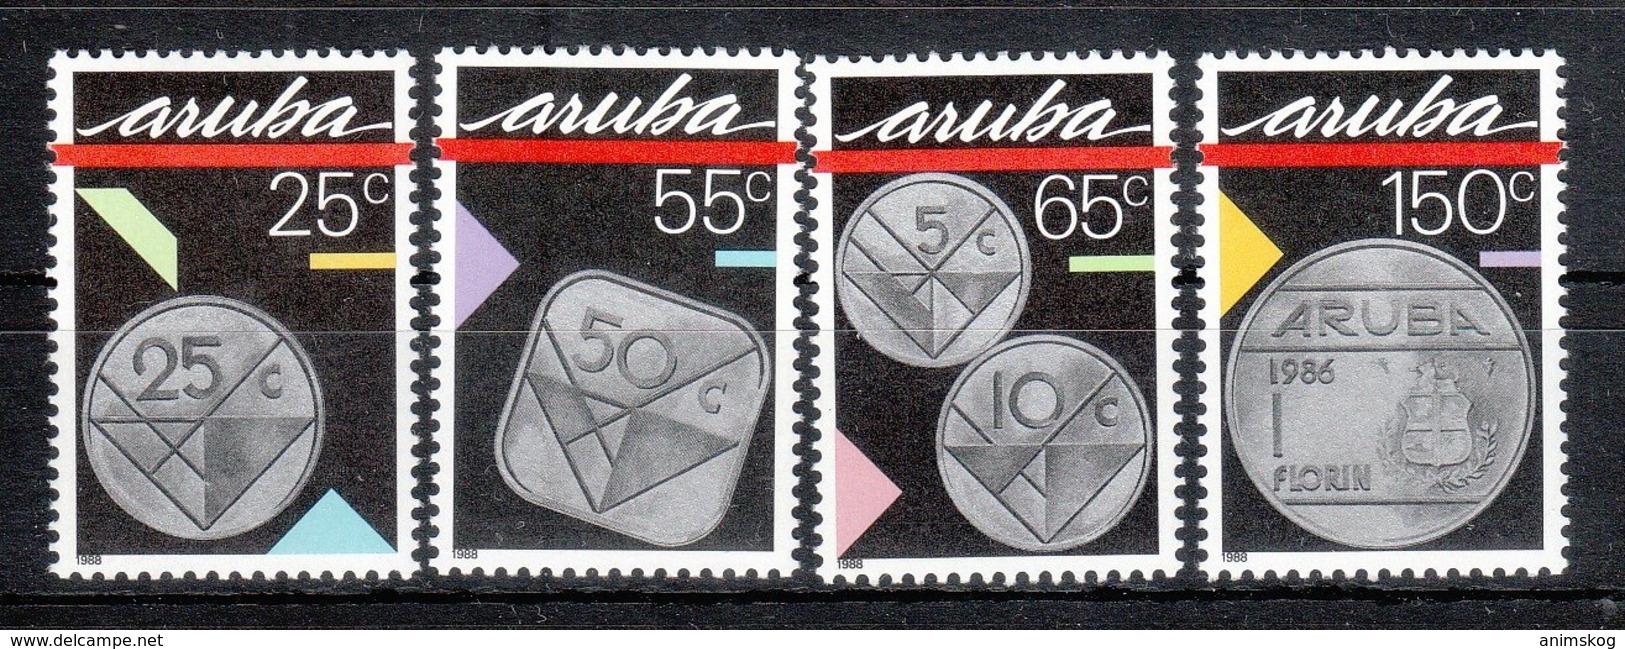 Aruba 1988**, Münzen, Sukkulente Aloe Sp. / Aruba 1988, MNH, Coins, Succulent Alos Sp. - Sukkulenten